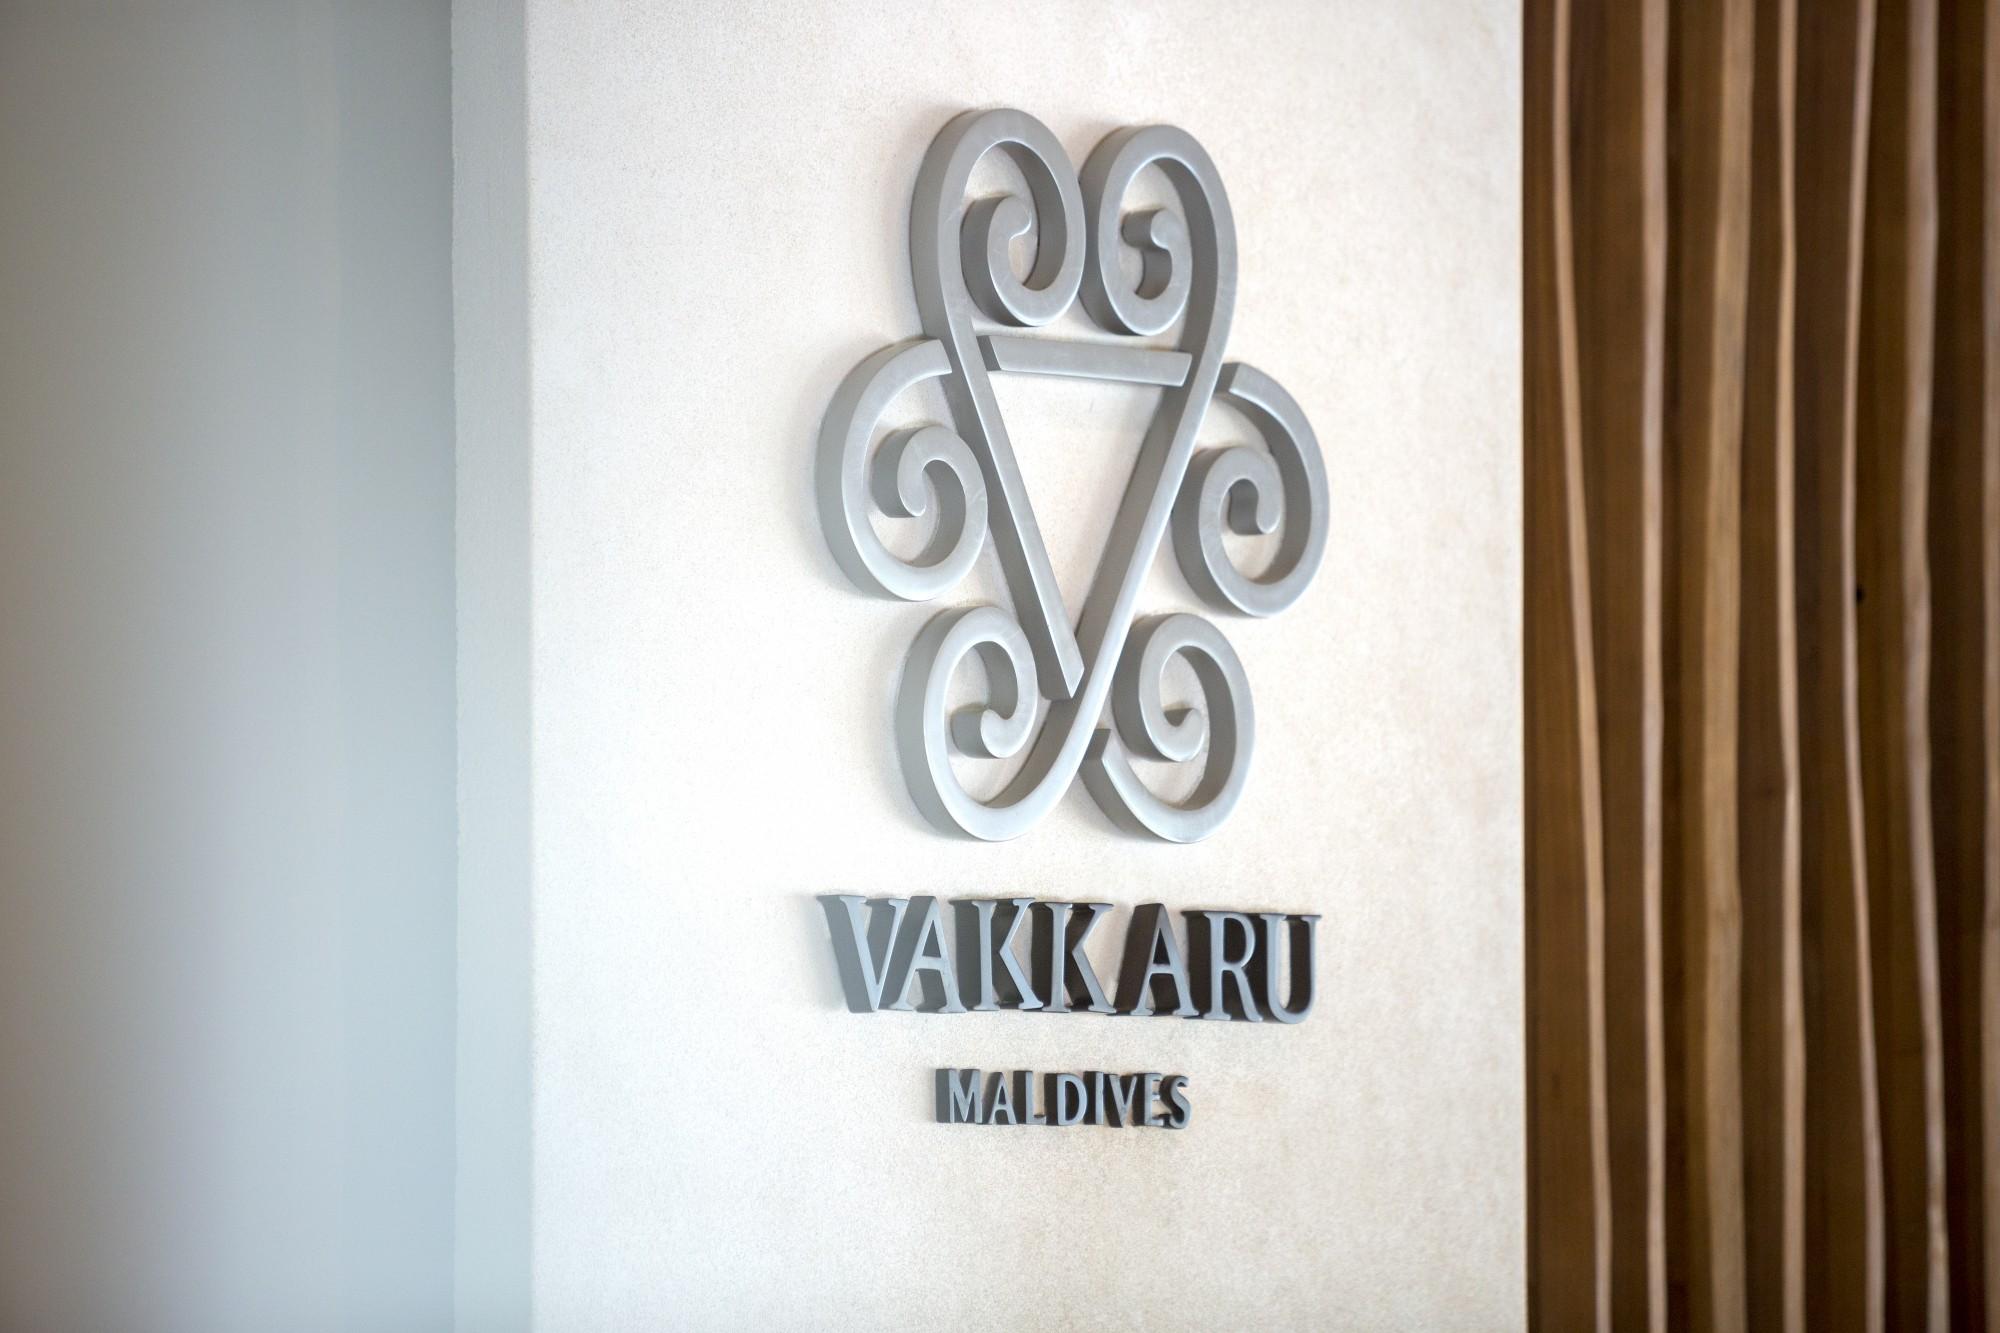 https://www.otdesign.com/wp-content/uploads/2020/11/OTdesign_Vakkaru_evr_a9a9878.jpg